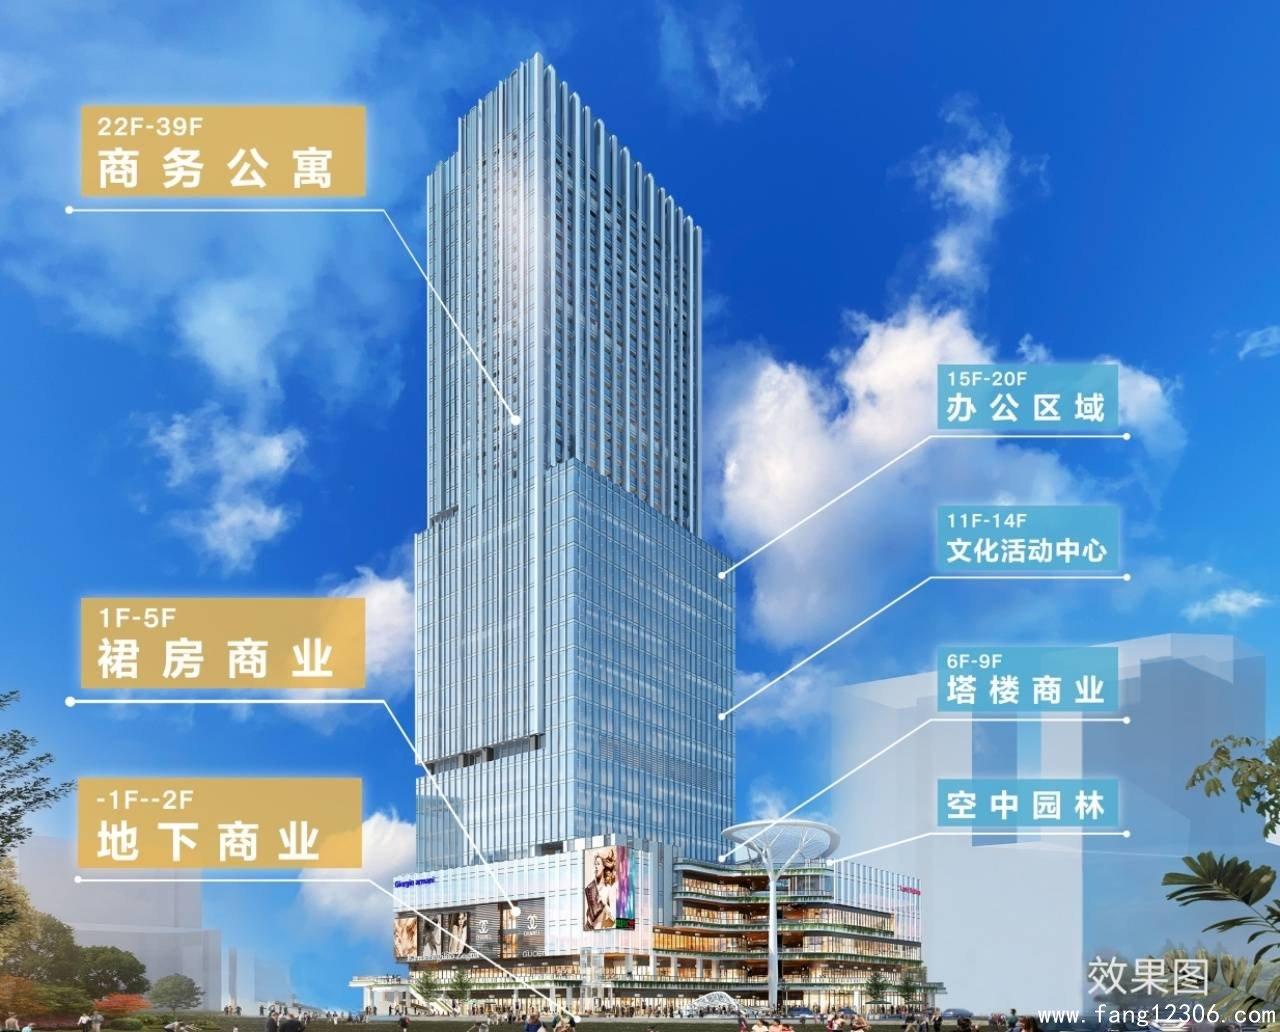 <b>深圳福田恒大公寓《�B睿大厦》强势进驻华强北商圈B2层地铁直通</b>